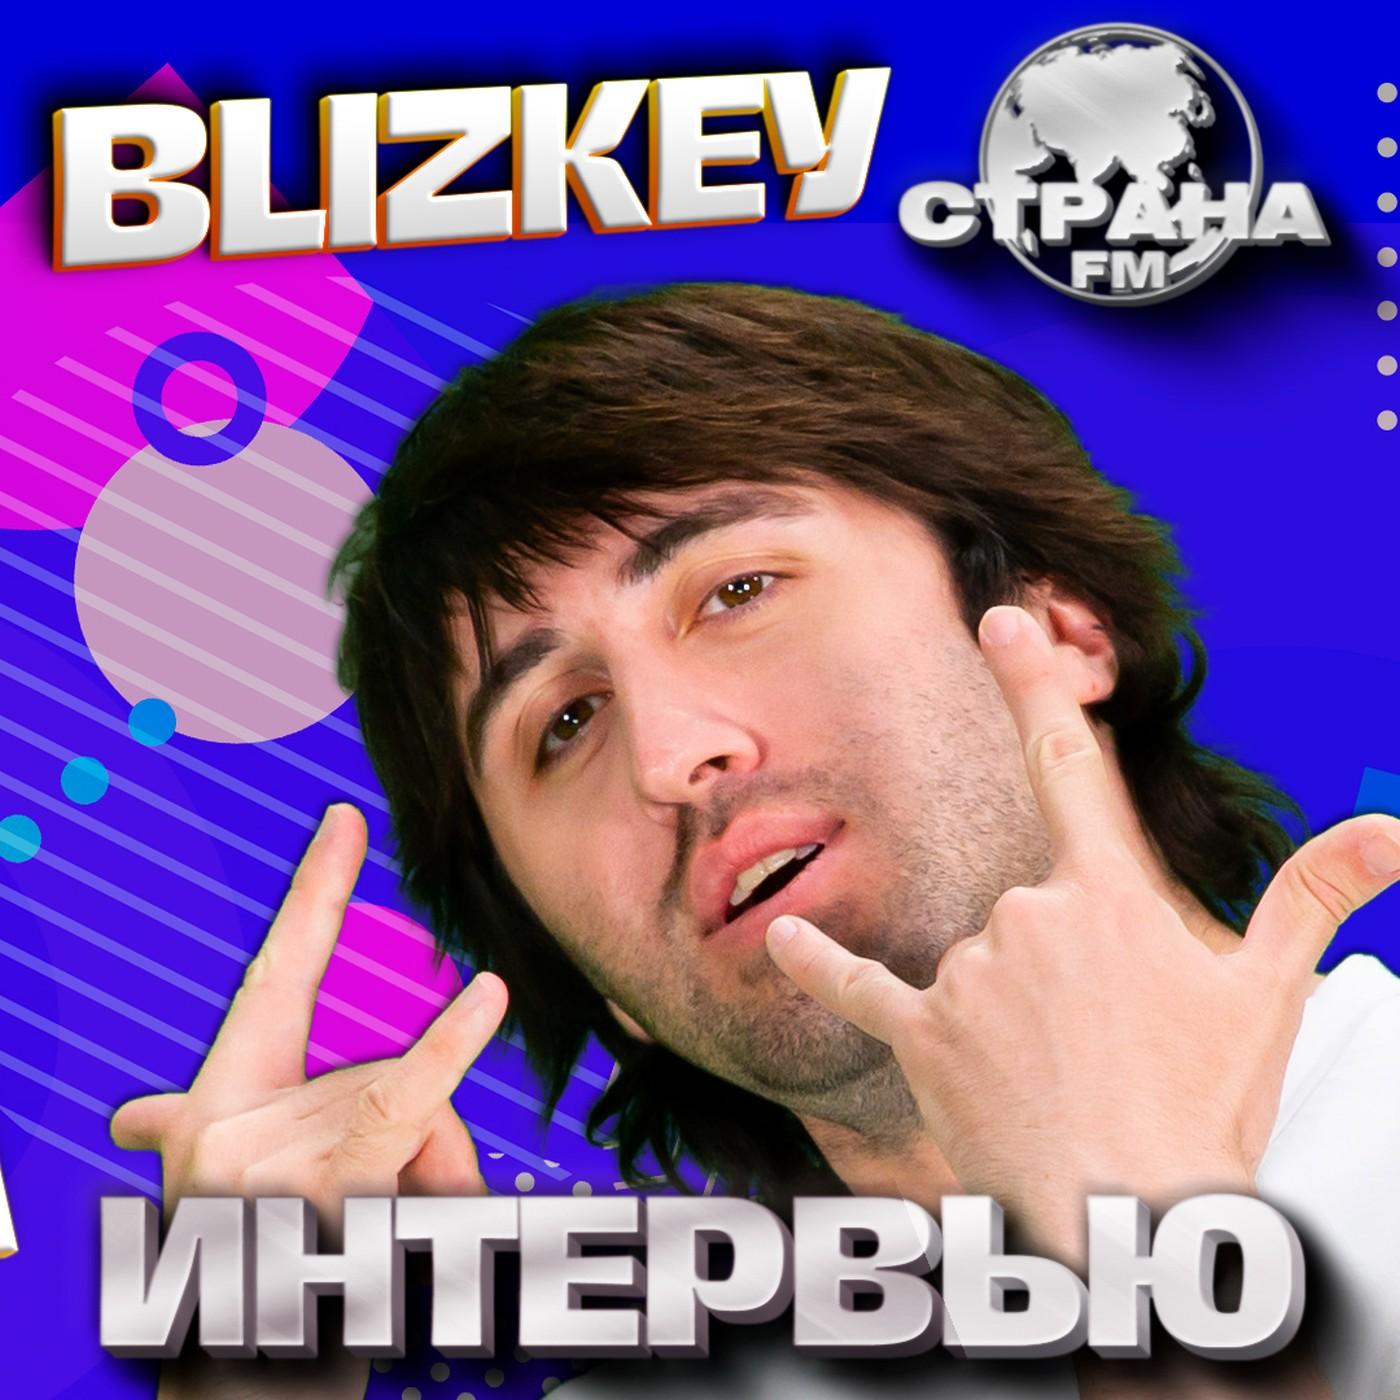 BLIZKEY. Эксклюзивное интервью. Страна FM